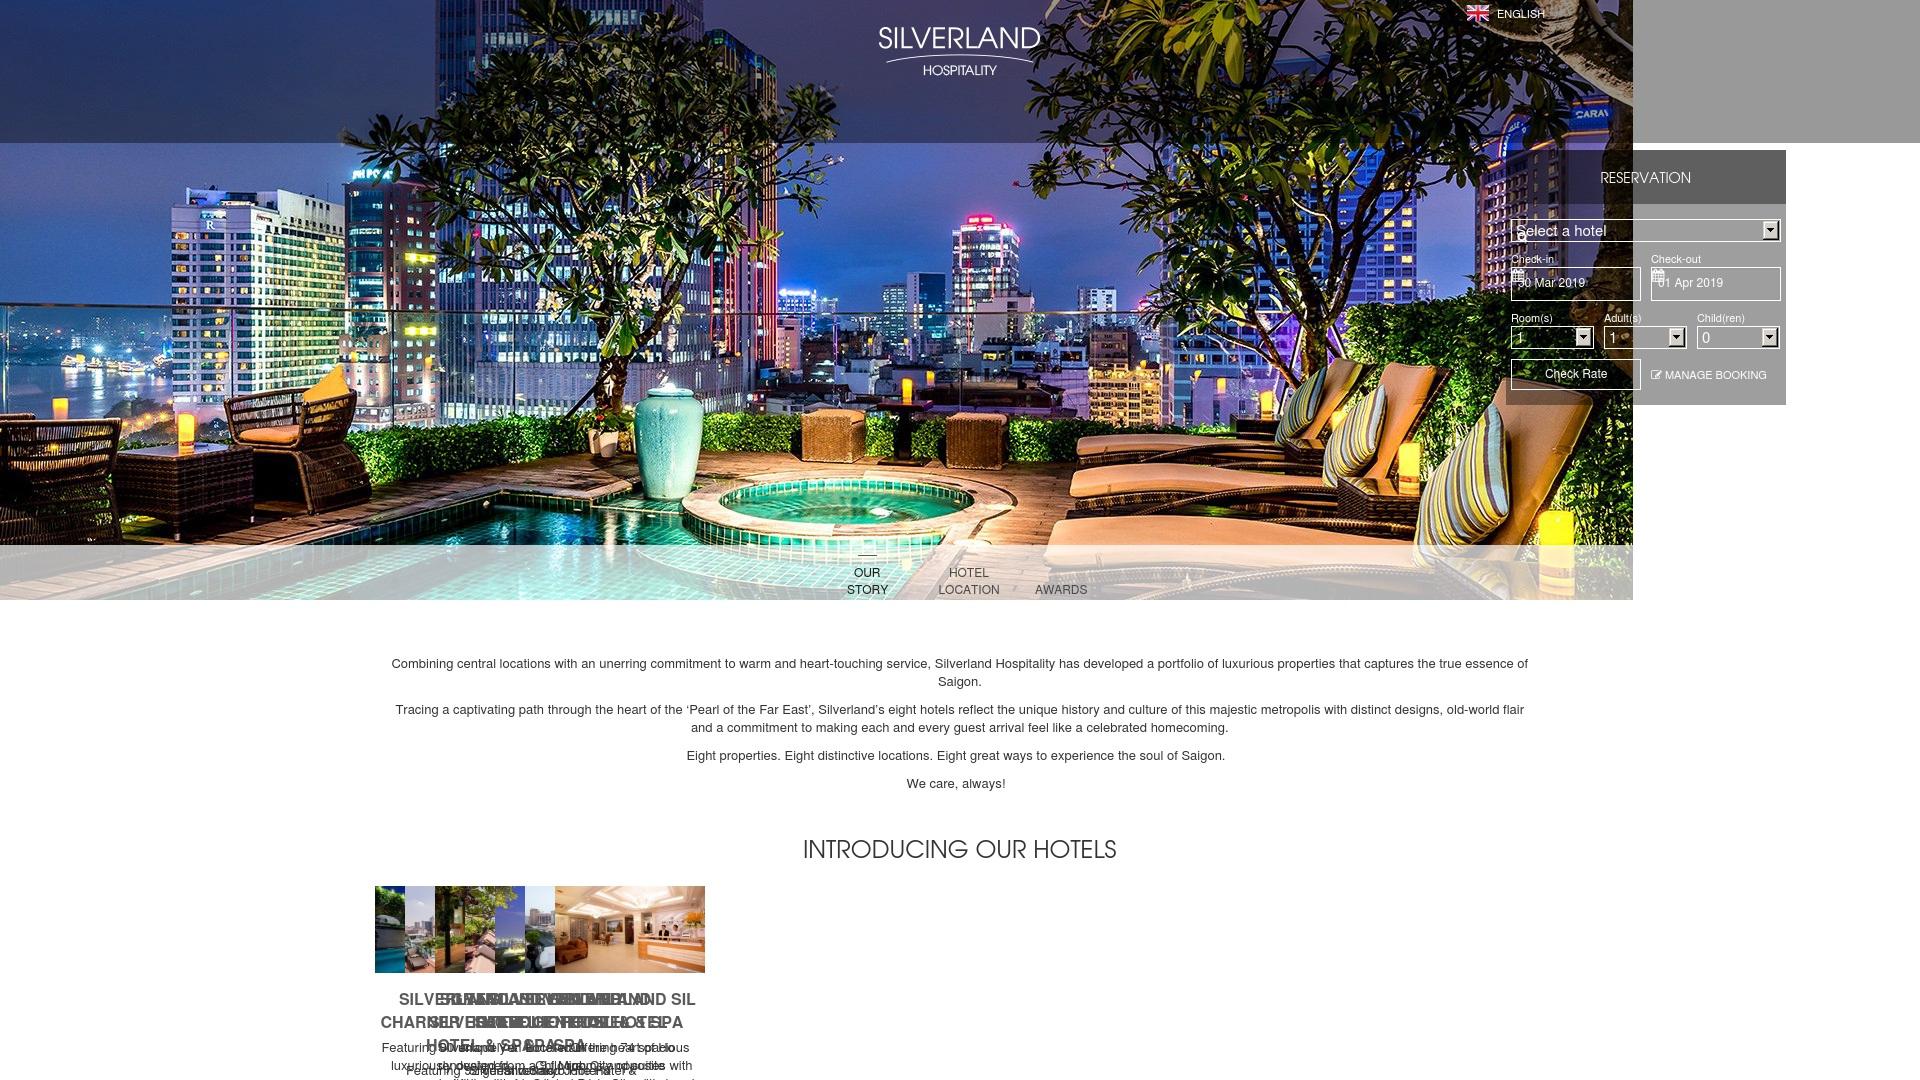 Gutschein für Silverlandhotels: Rabatte für  Silverlandhotels sichern